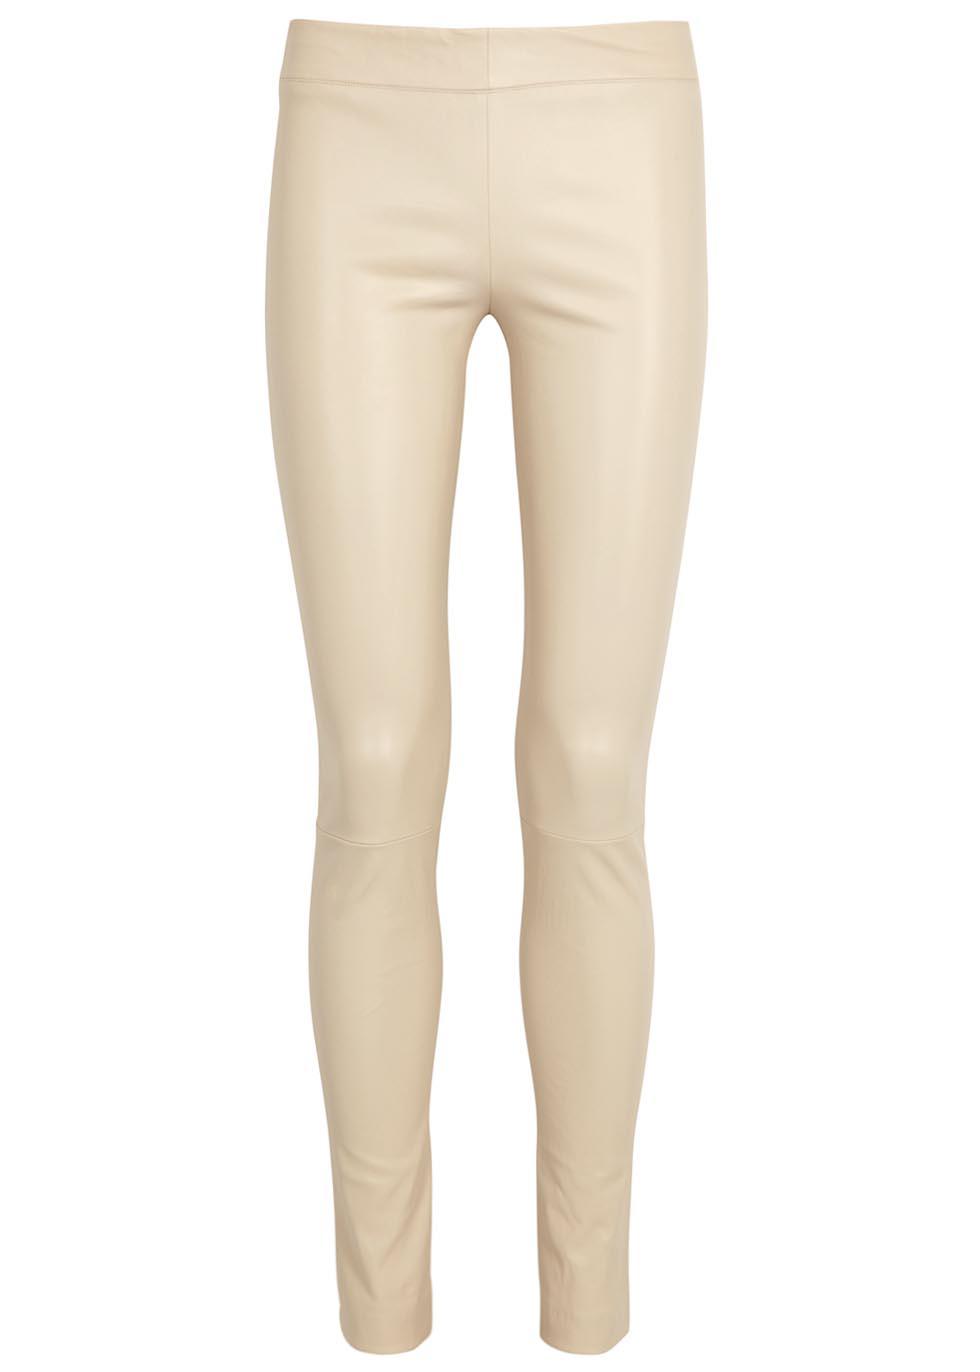 62c0bfbaf317c The Row Moto Cream Leather Leggings in Natural - Lyst